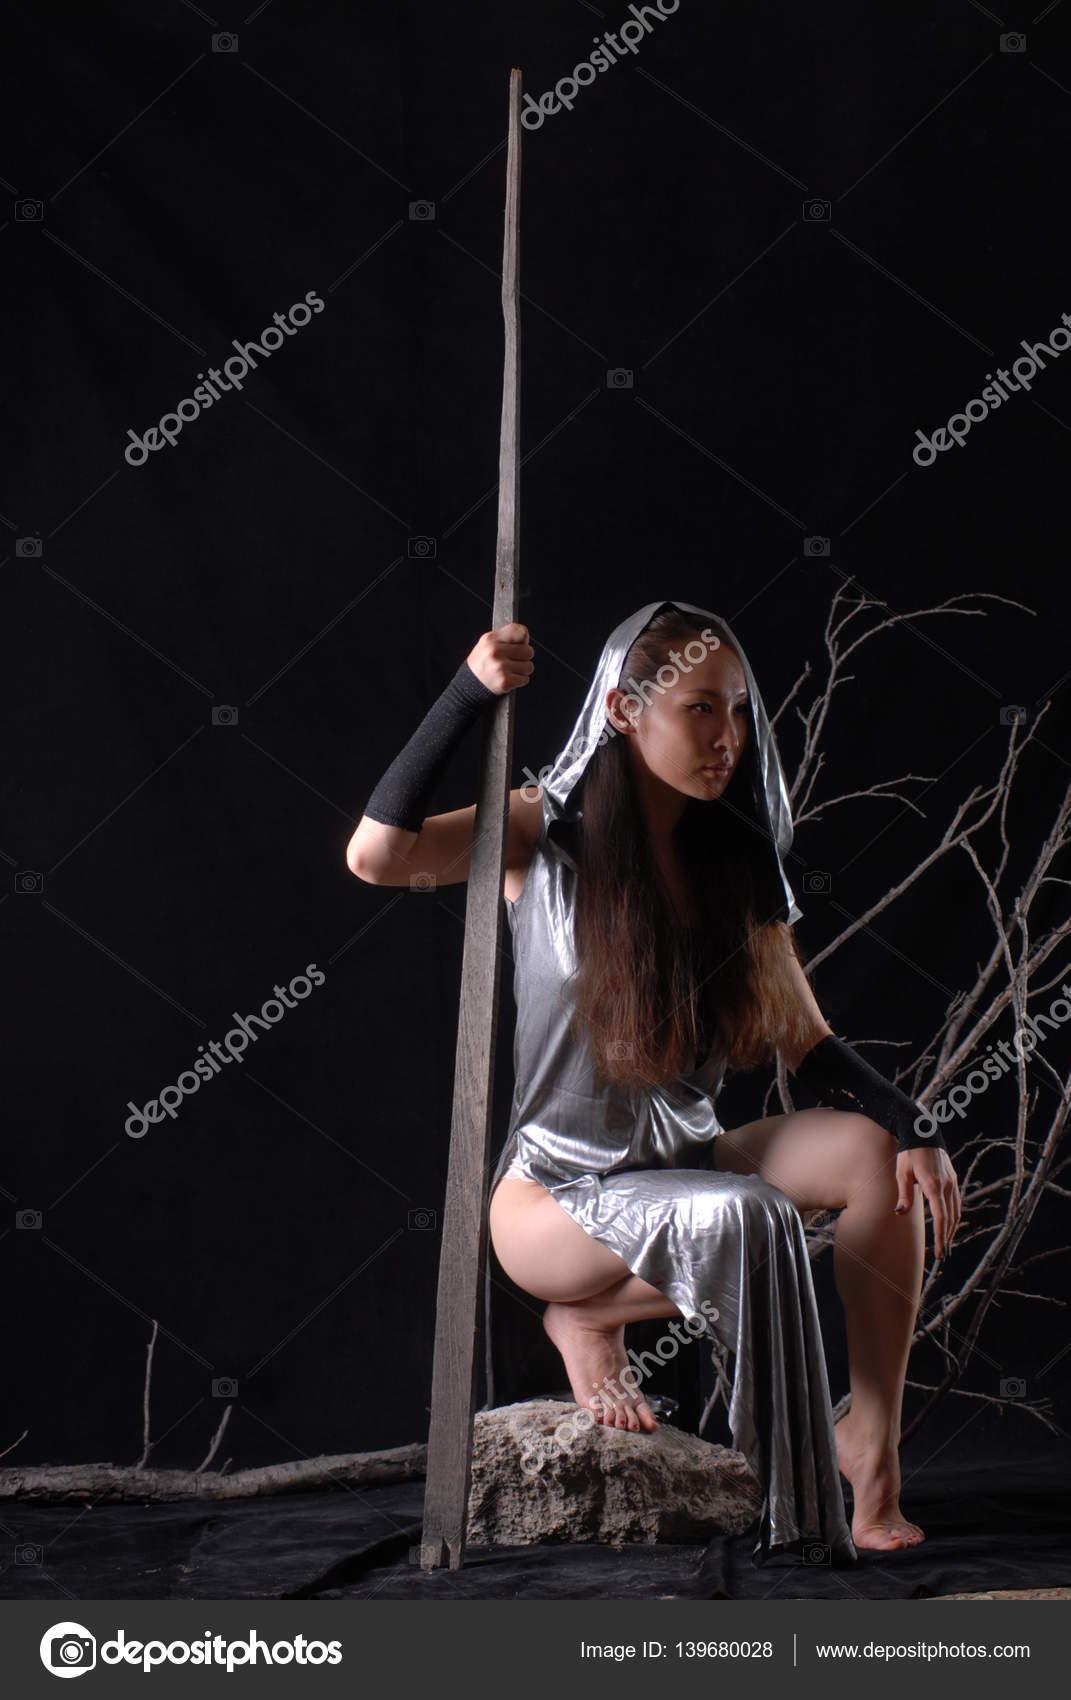 Ασιατικές πορνό φωτογραφίες